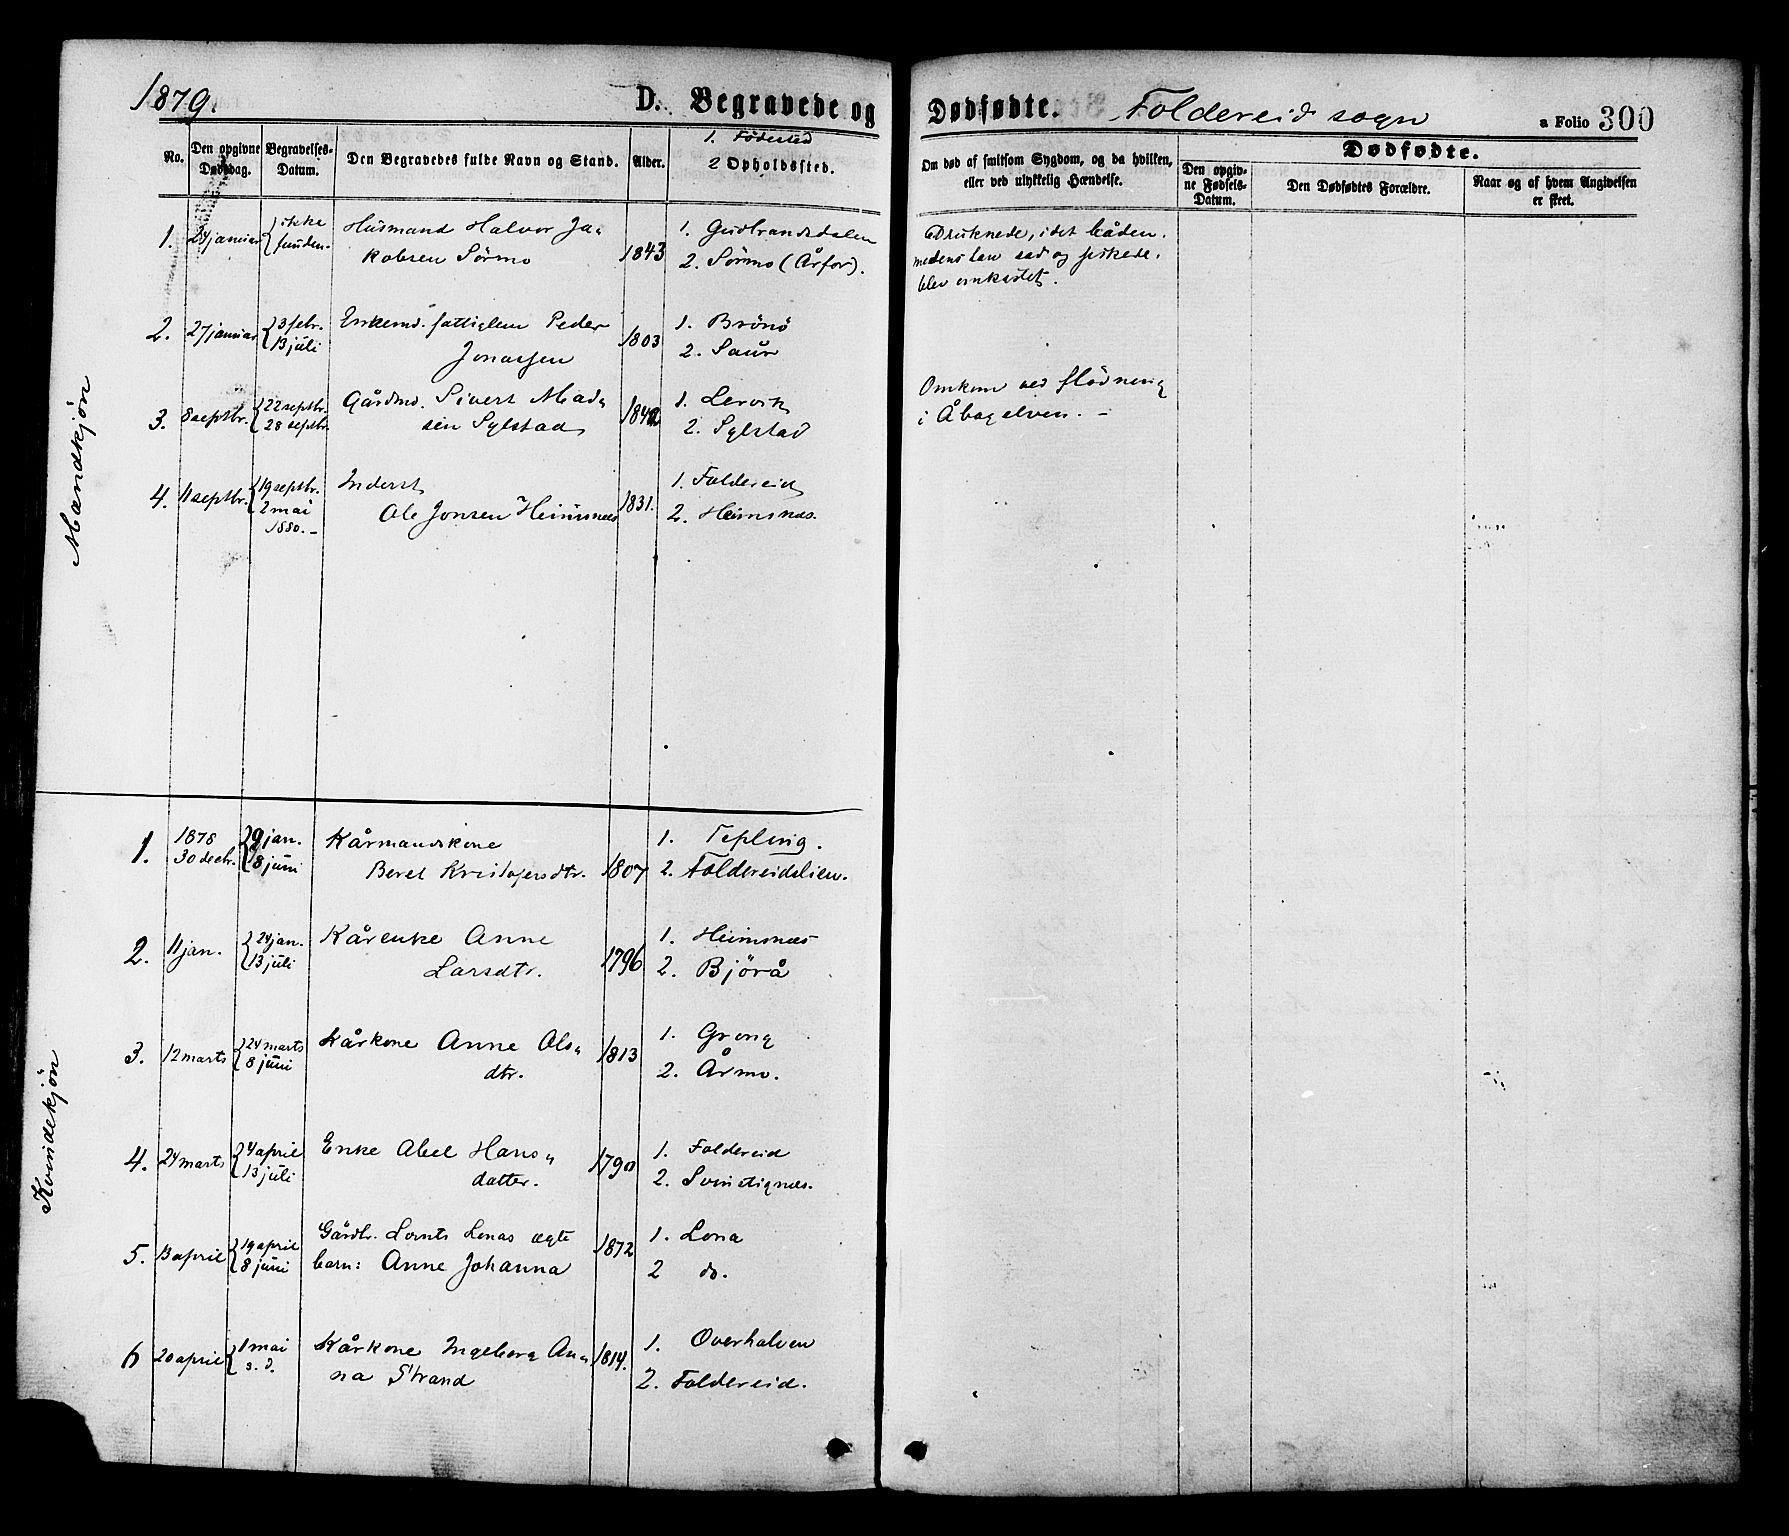 SAT, Ministerialprotokoller, klokkerbøker og fødselsregistre - Nord-Trøndelag, 780/L0642: Ministerialbok nr. 780A07 /2, 1878-1885, s. 300